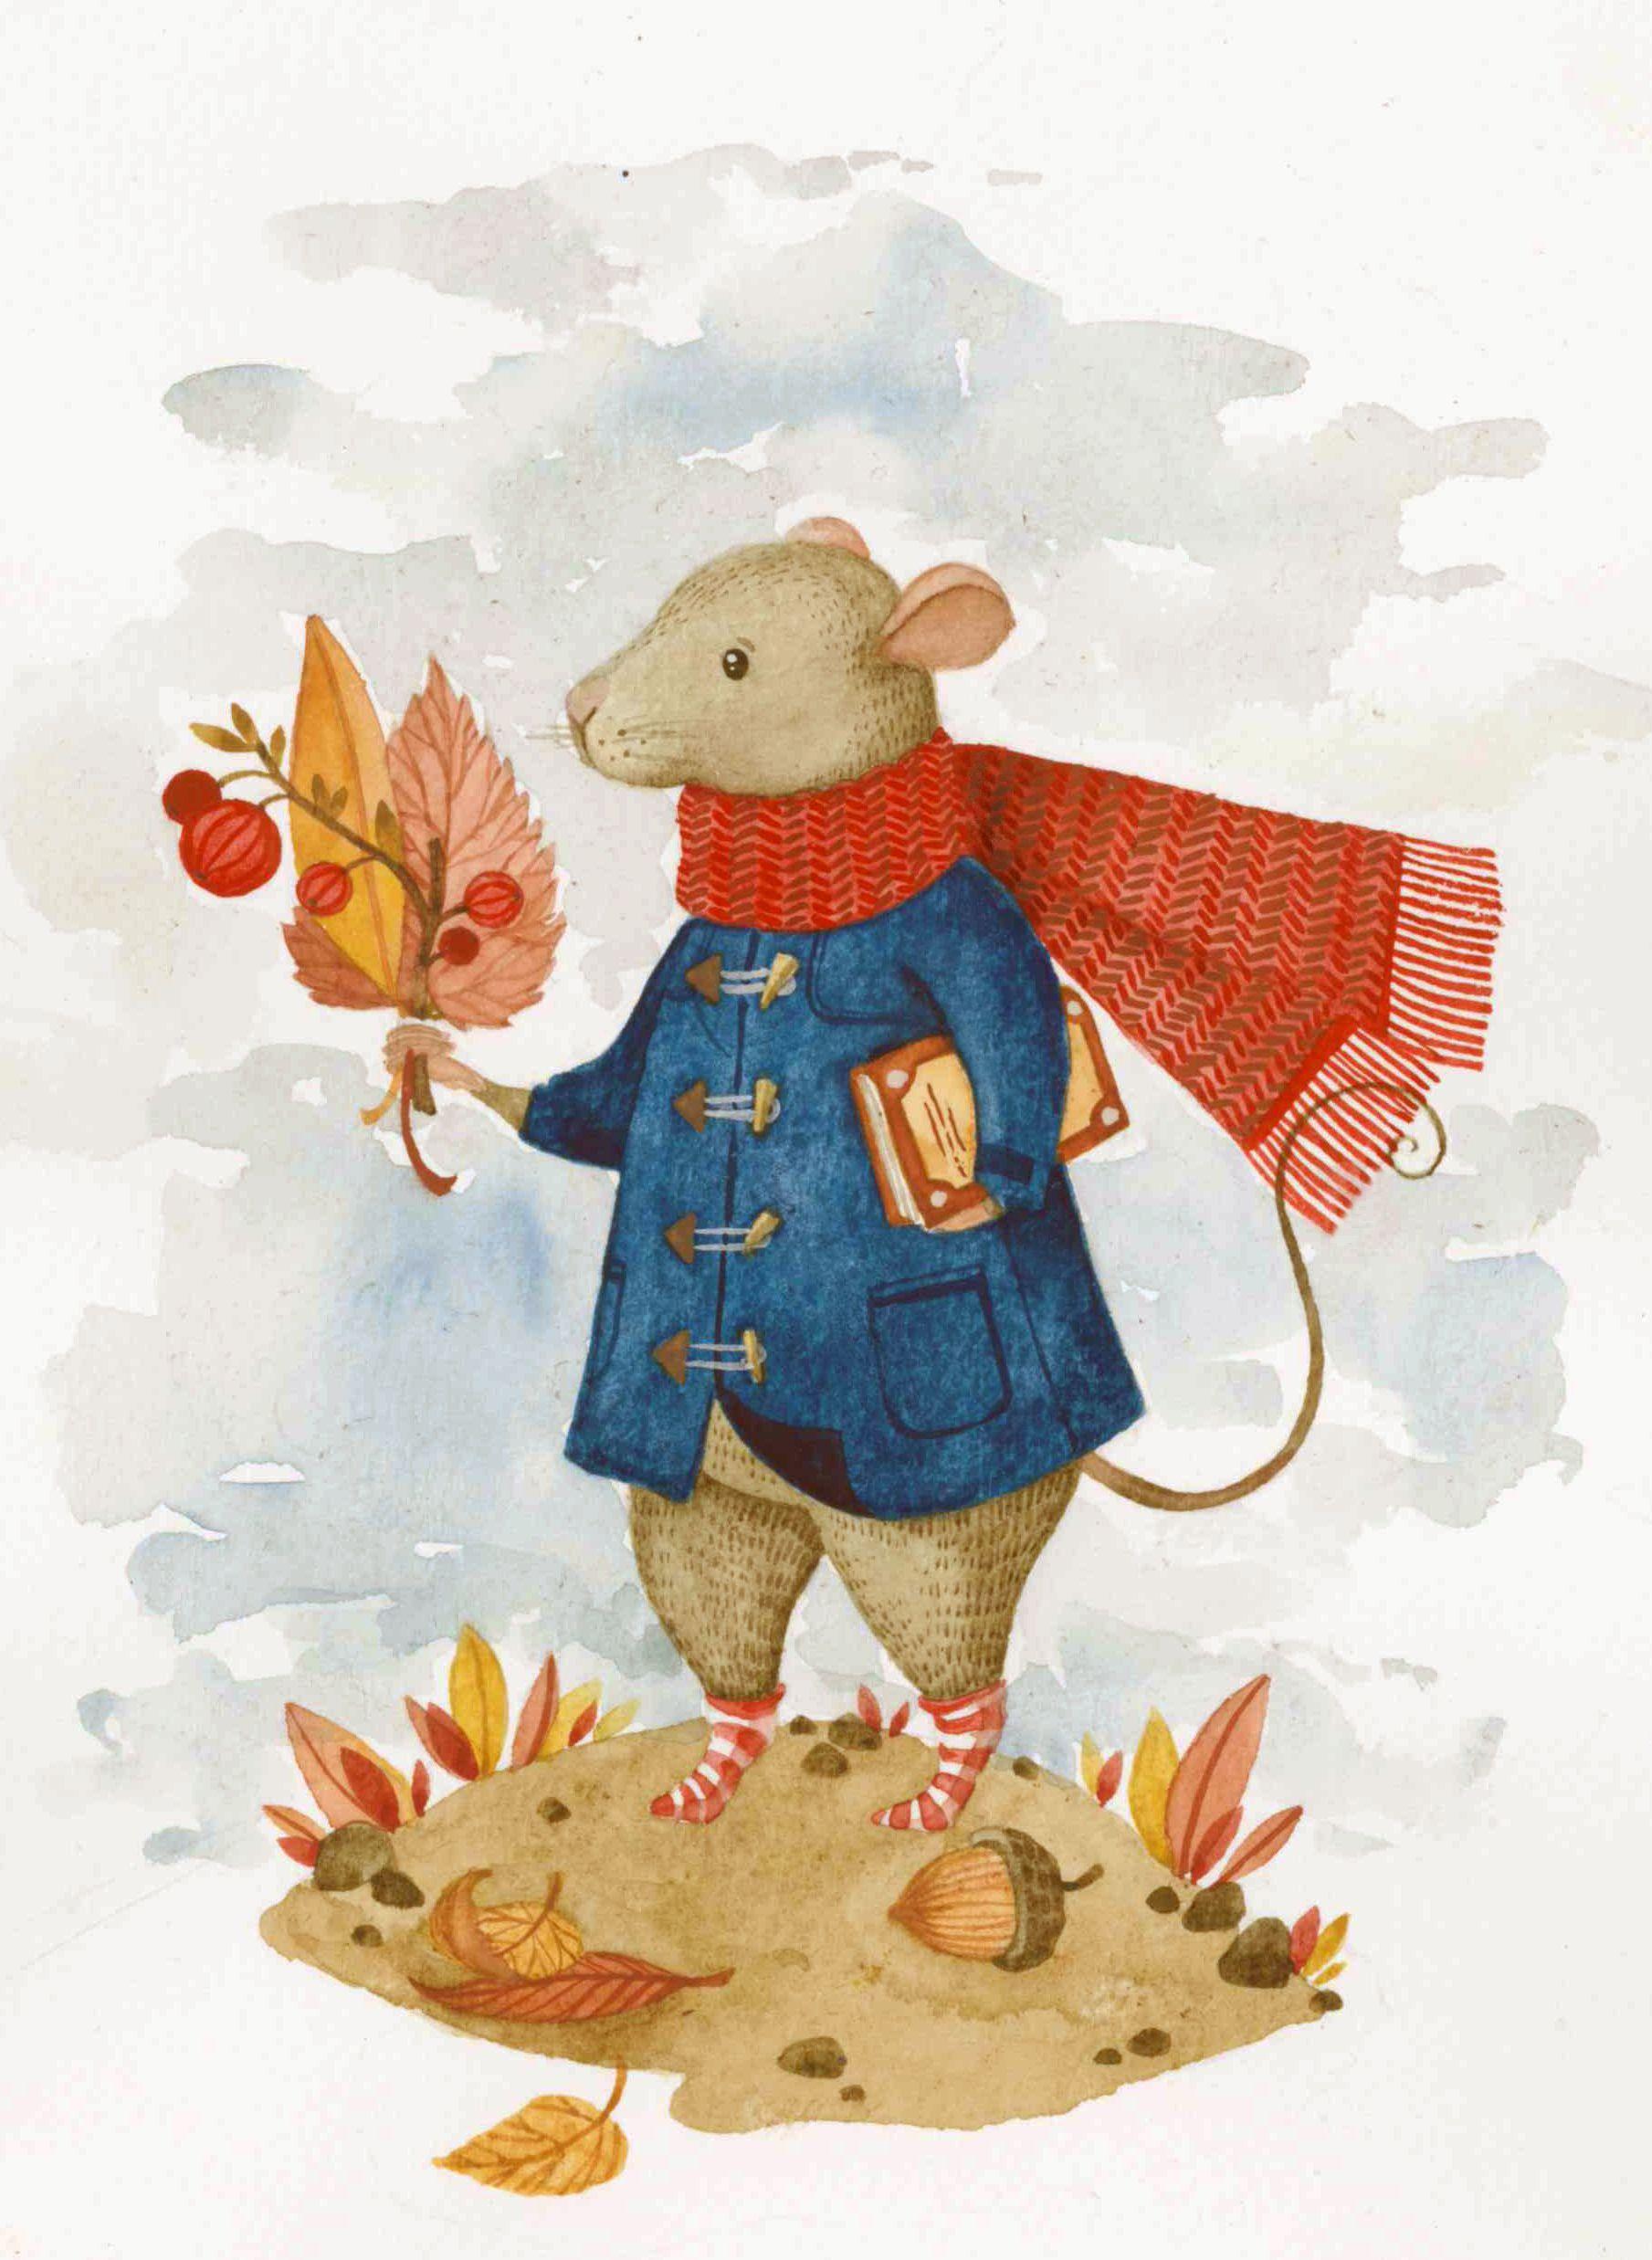 Иллюстрация Осенний мышонок.